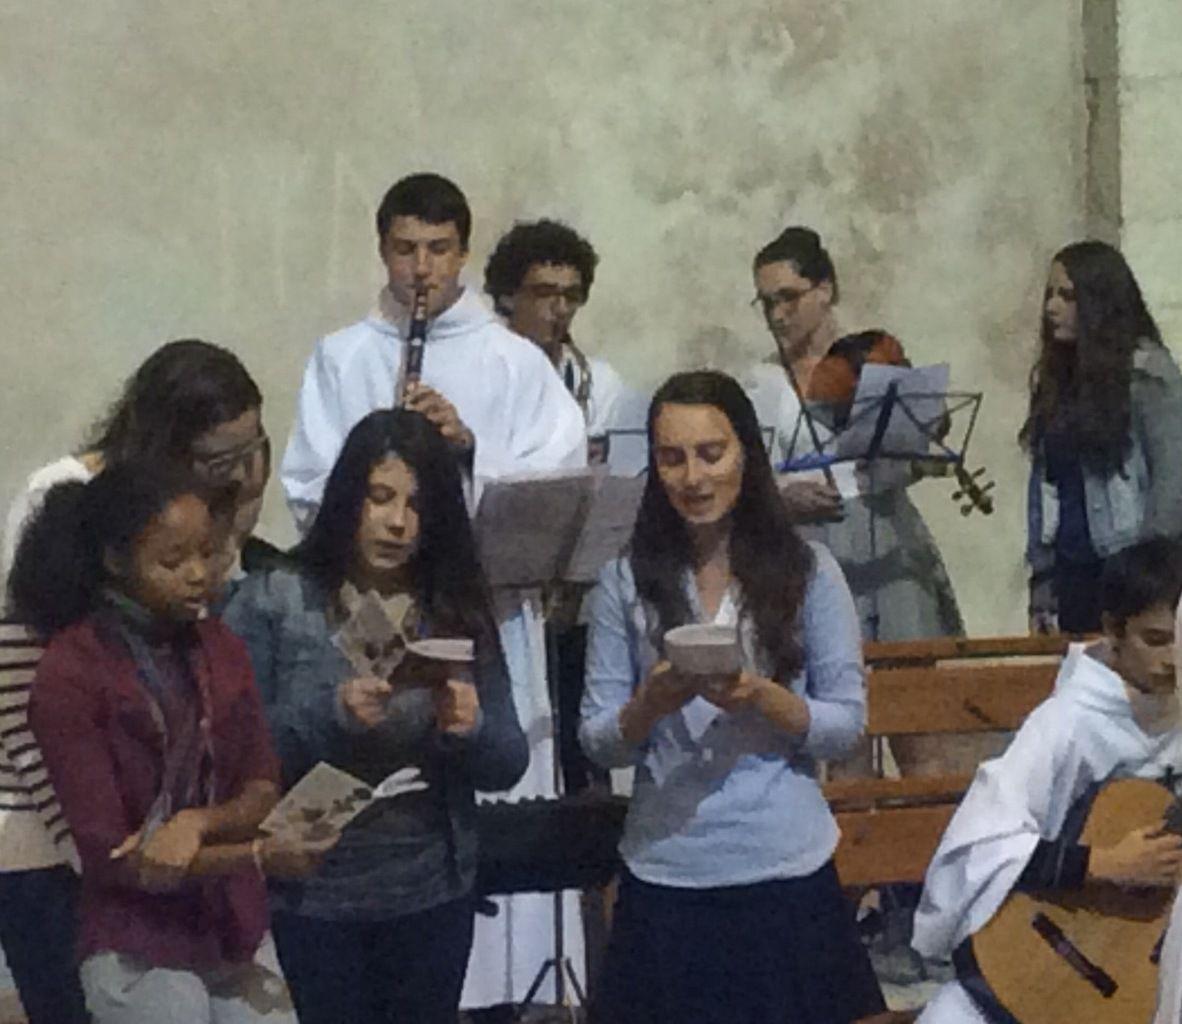 Louanges, musique : une belle messe à Martigues !